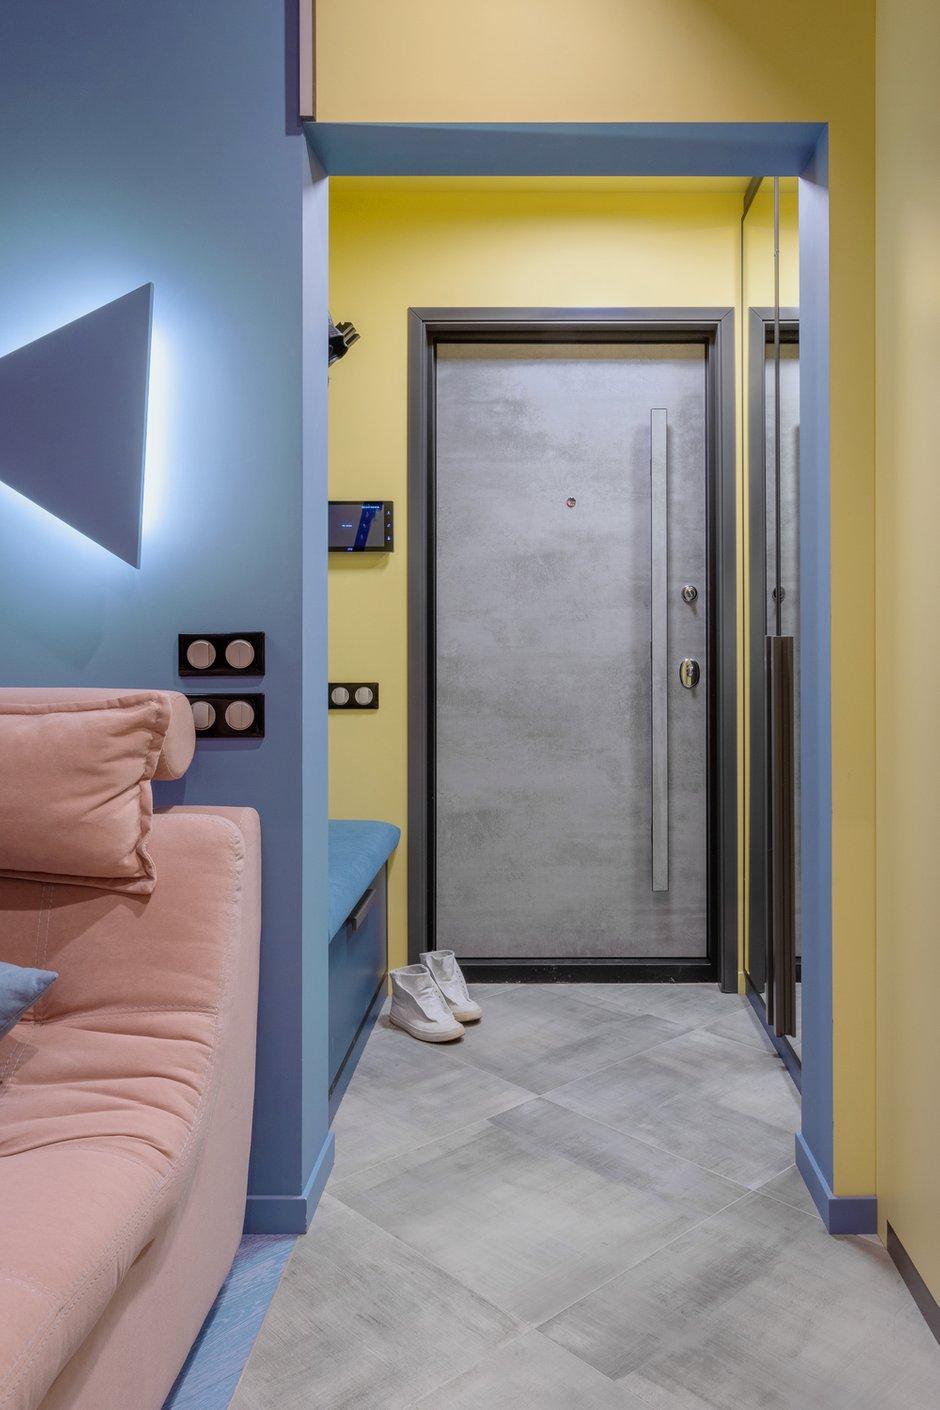 Входная зона получилась около 2,5 квадрата, но при этом она очень удобная — с банкеткой, вешалкой и зеркалом, расширяющим пространство. Фишка прихожей — желтый цвет стен, который переходит на потолок и дальше на шкафы в гостиной.